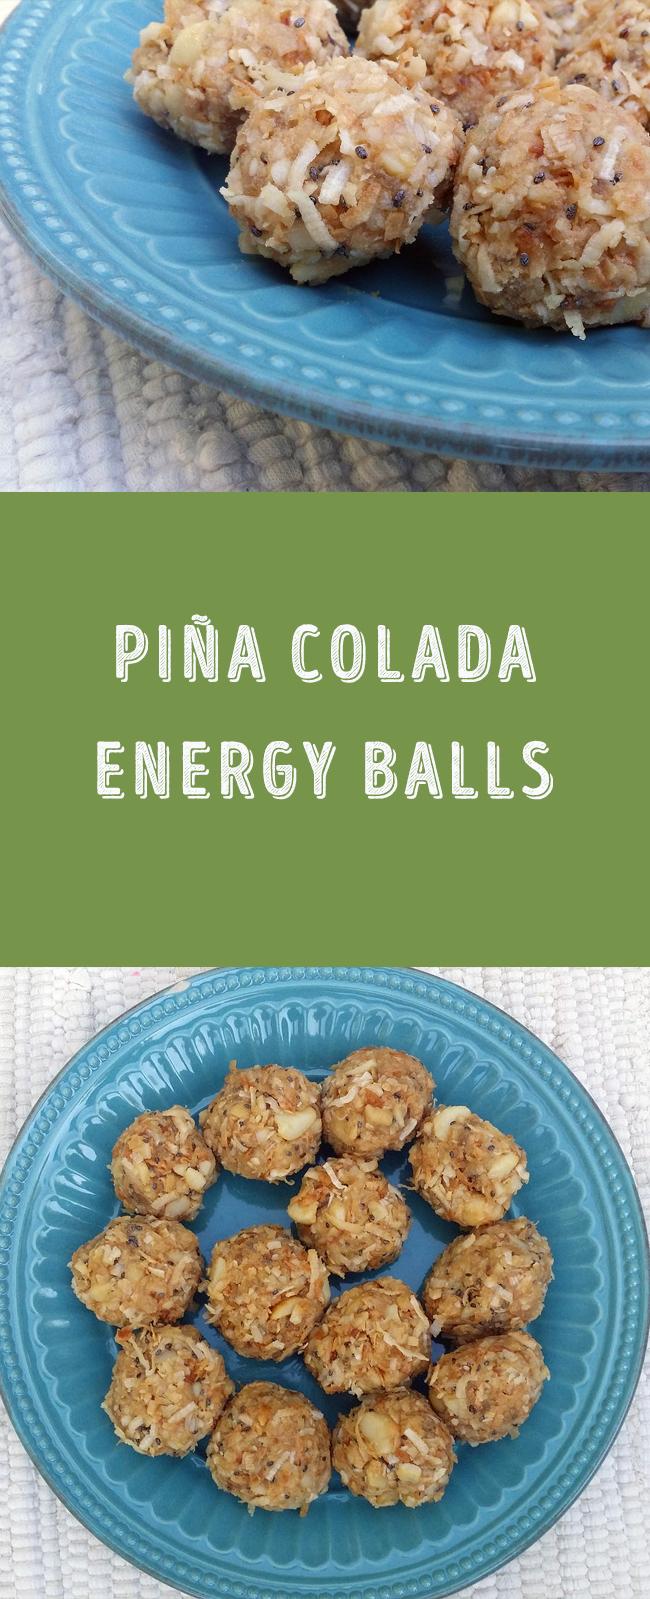 Piña Colada Energy Balls